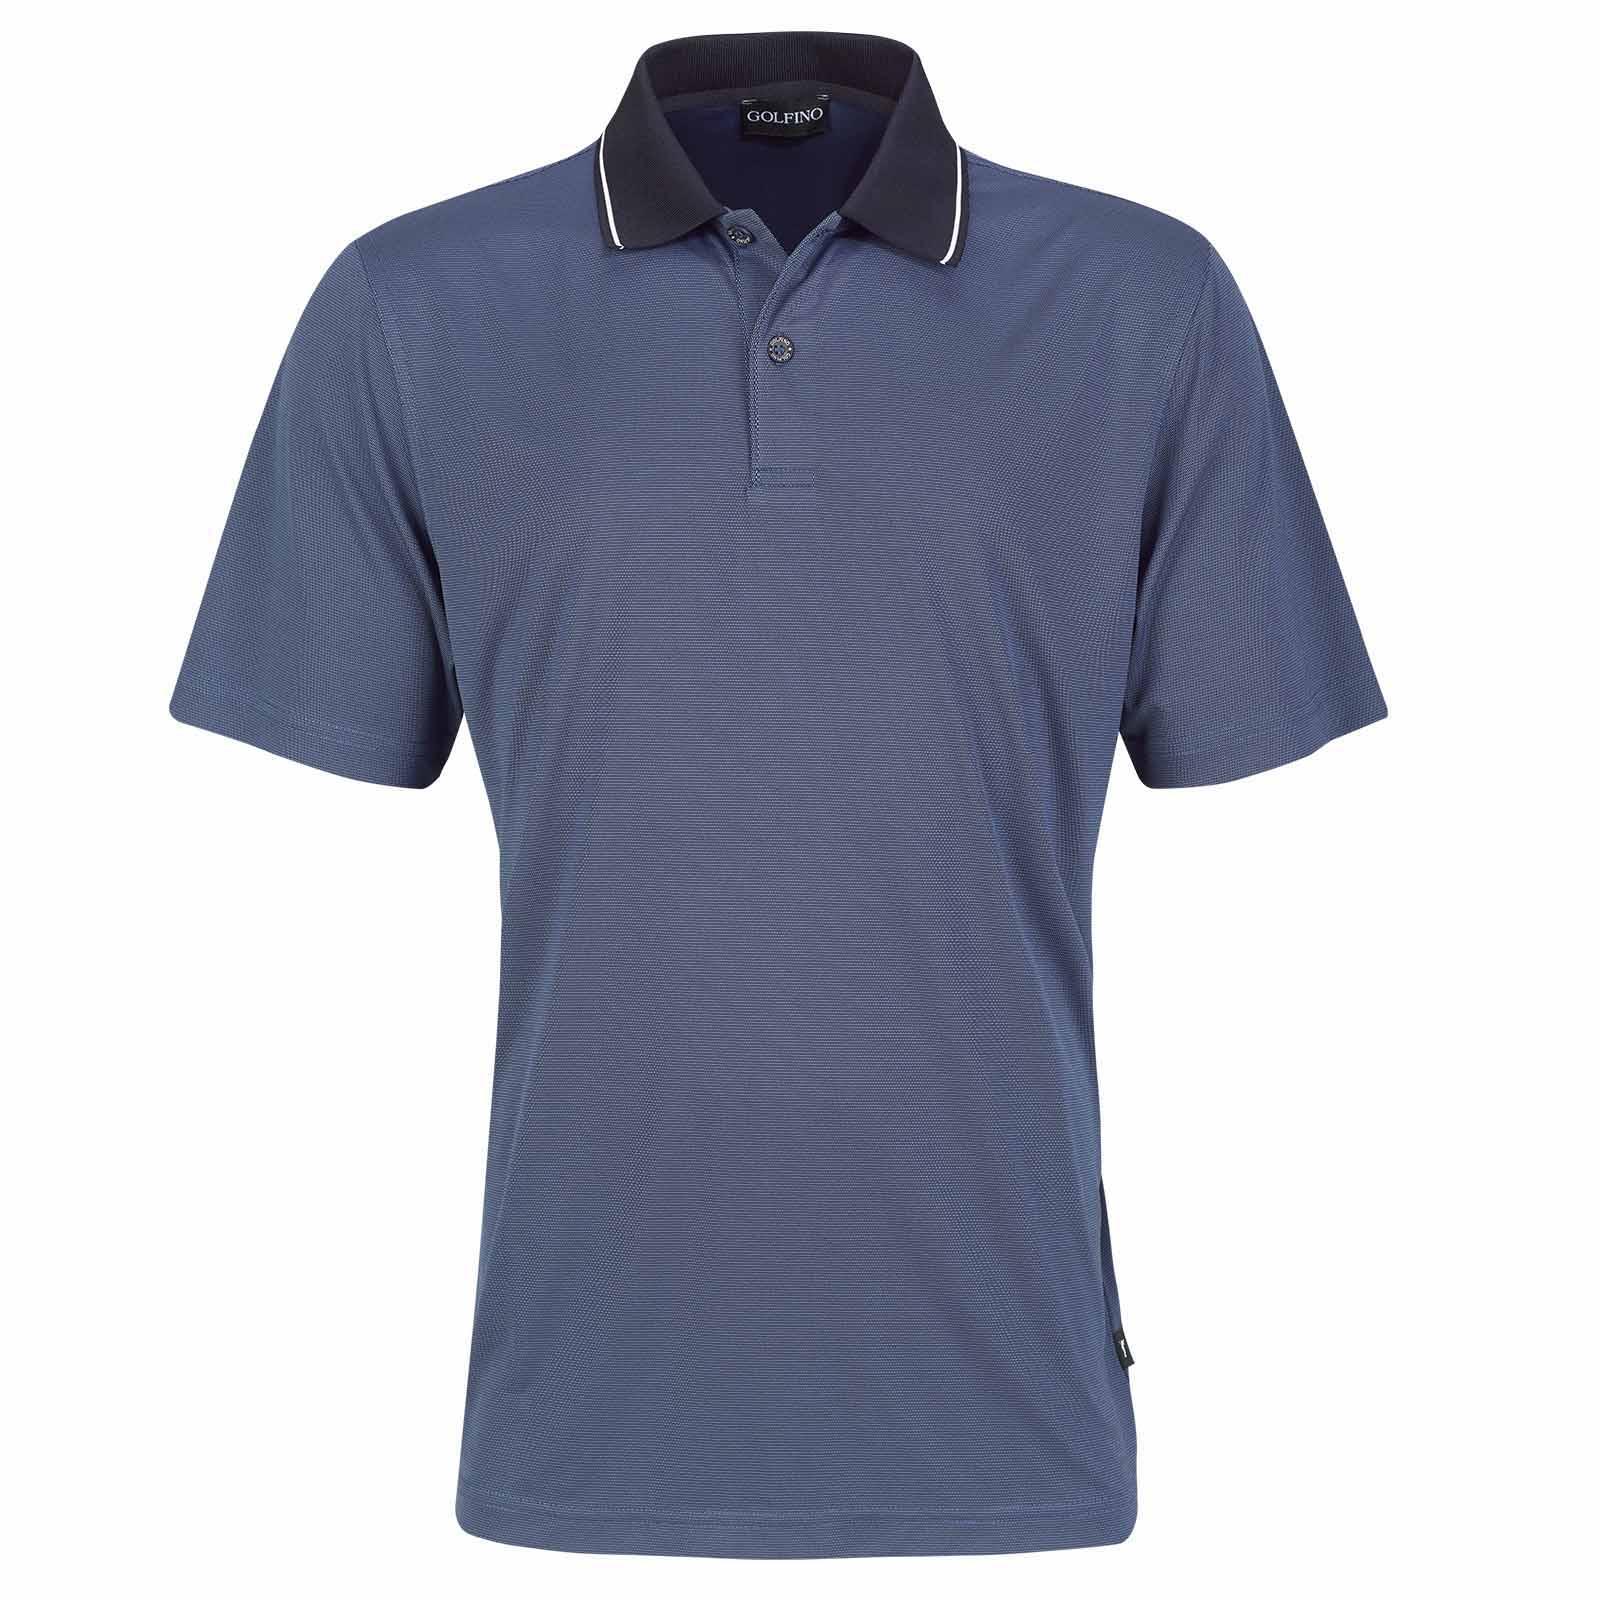 Herren Polo Shirt schnelltrocknend und atmungsaktiv in Regular Fit